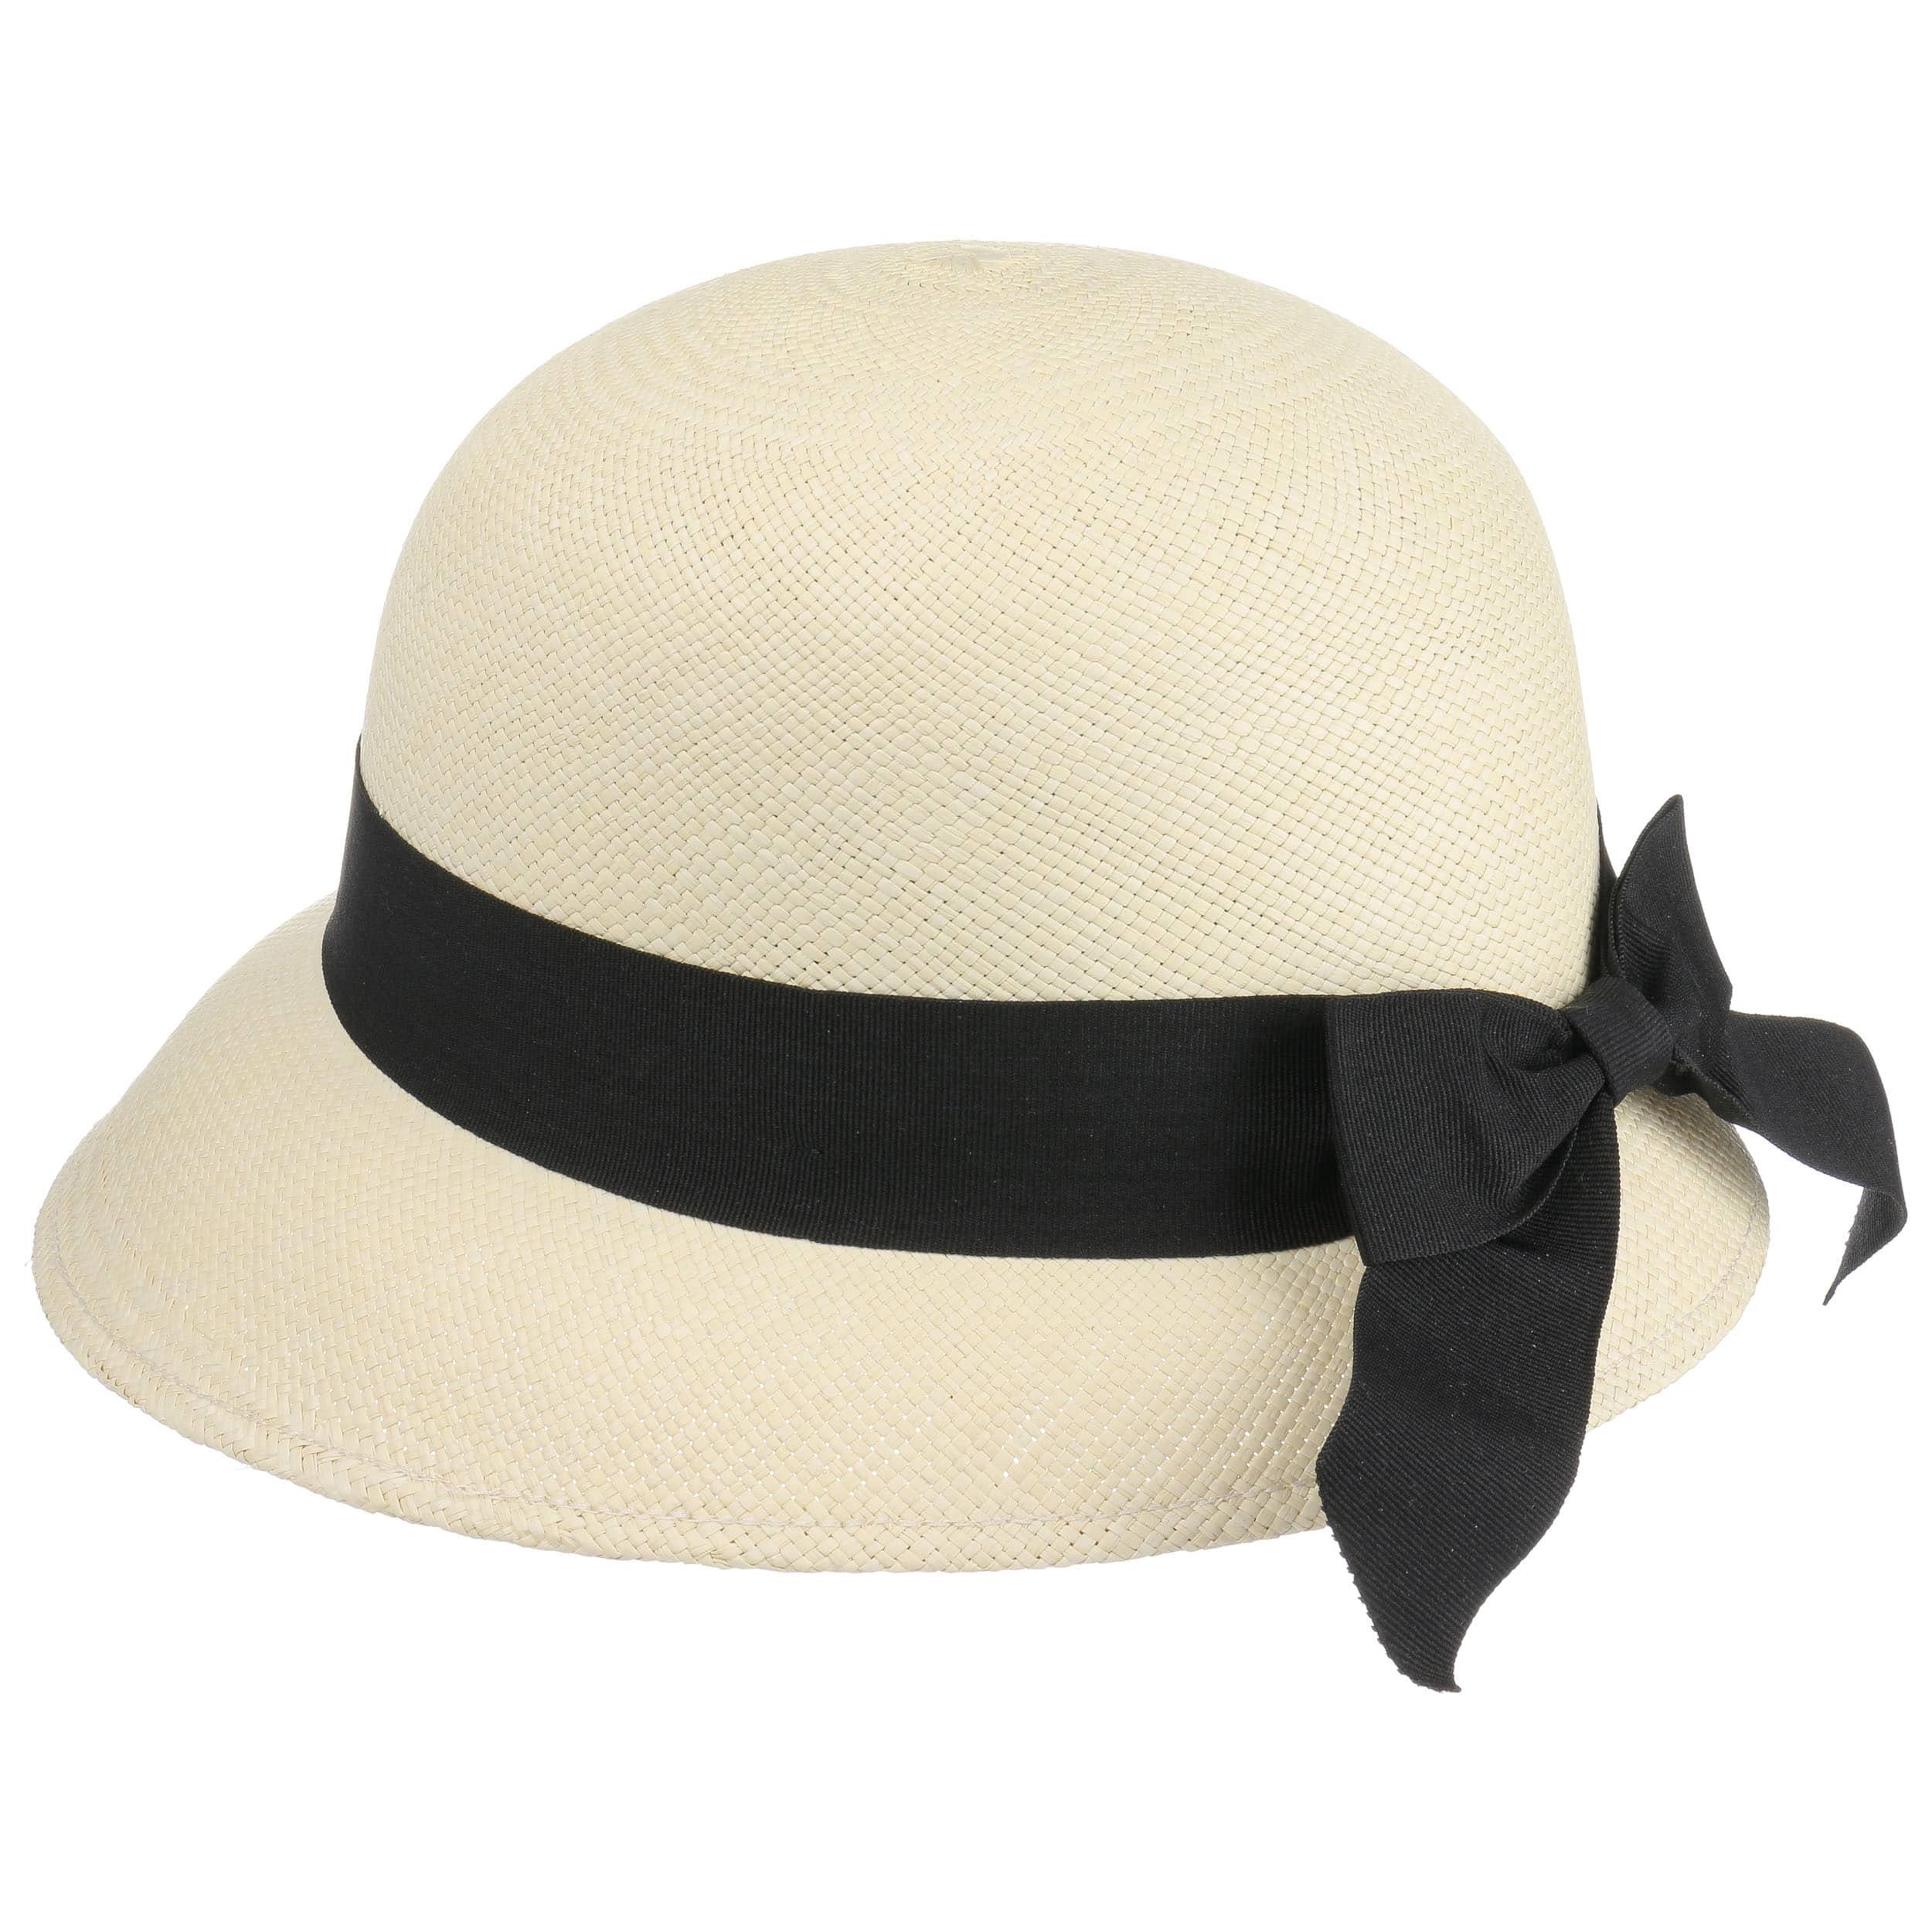 Fine Lady Straw Hat by Lierys Sun hats Lierys etFfqYXC